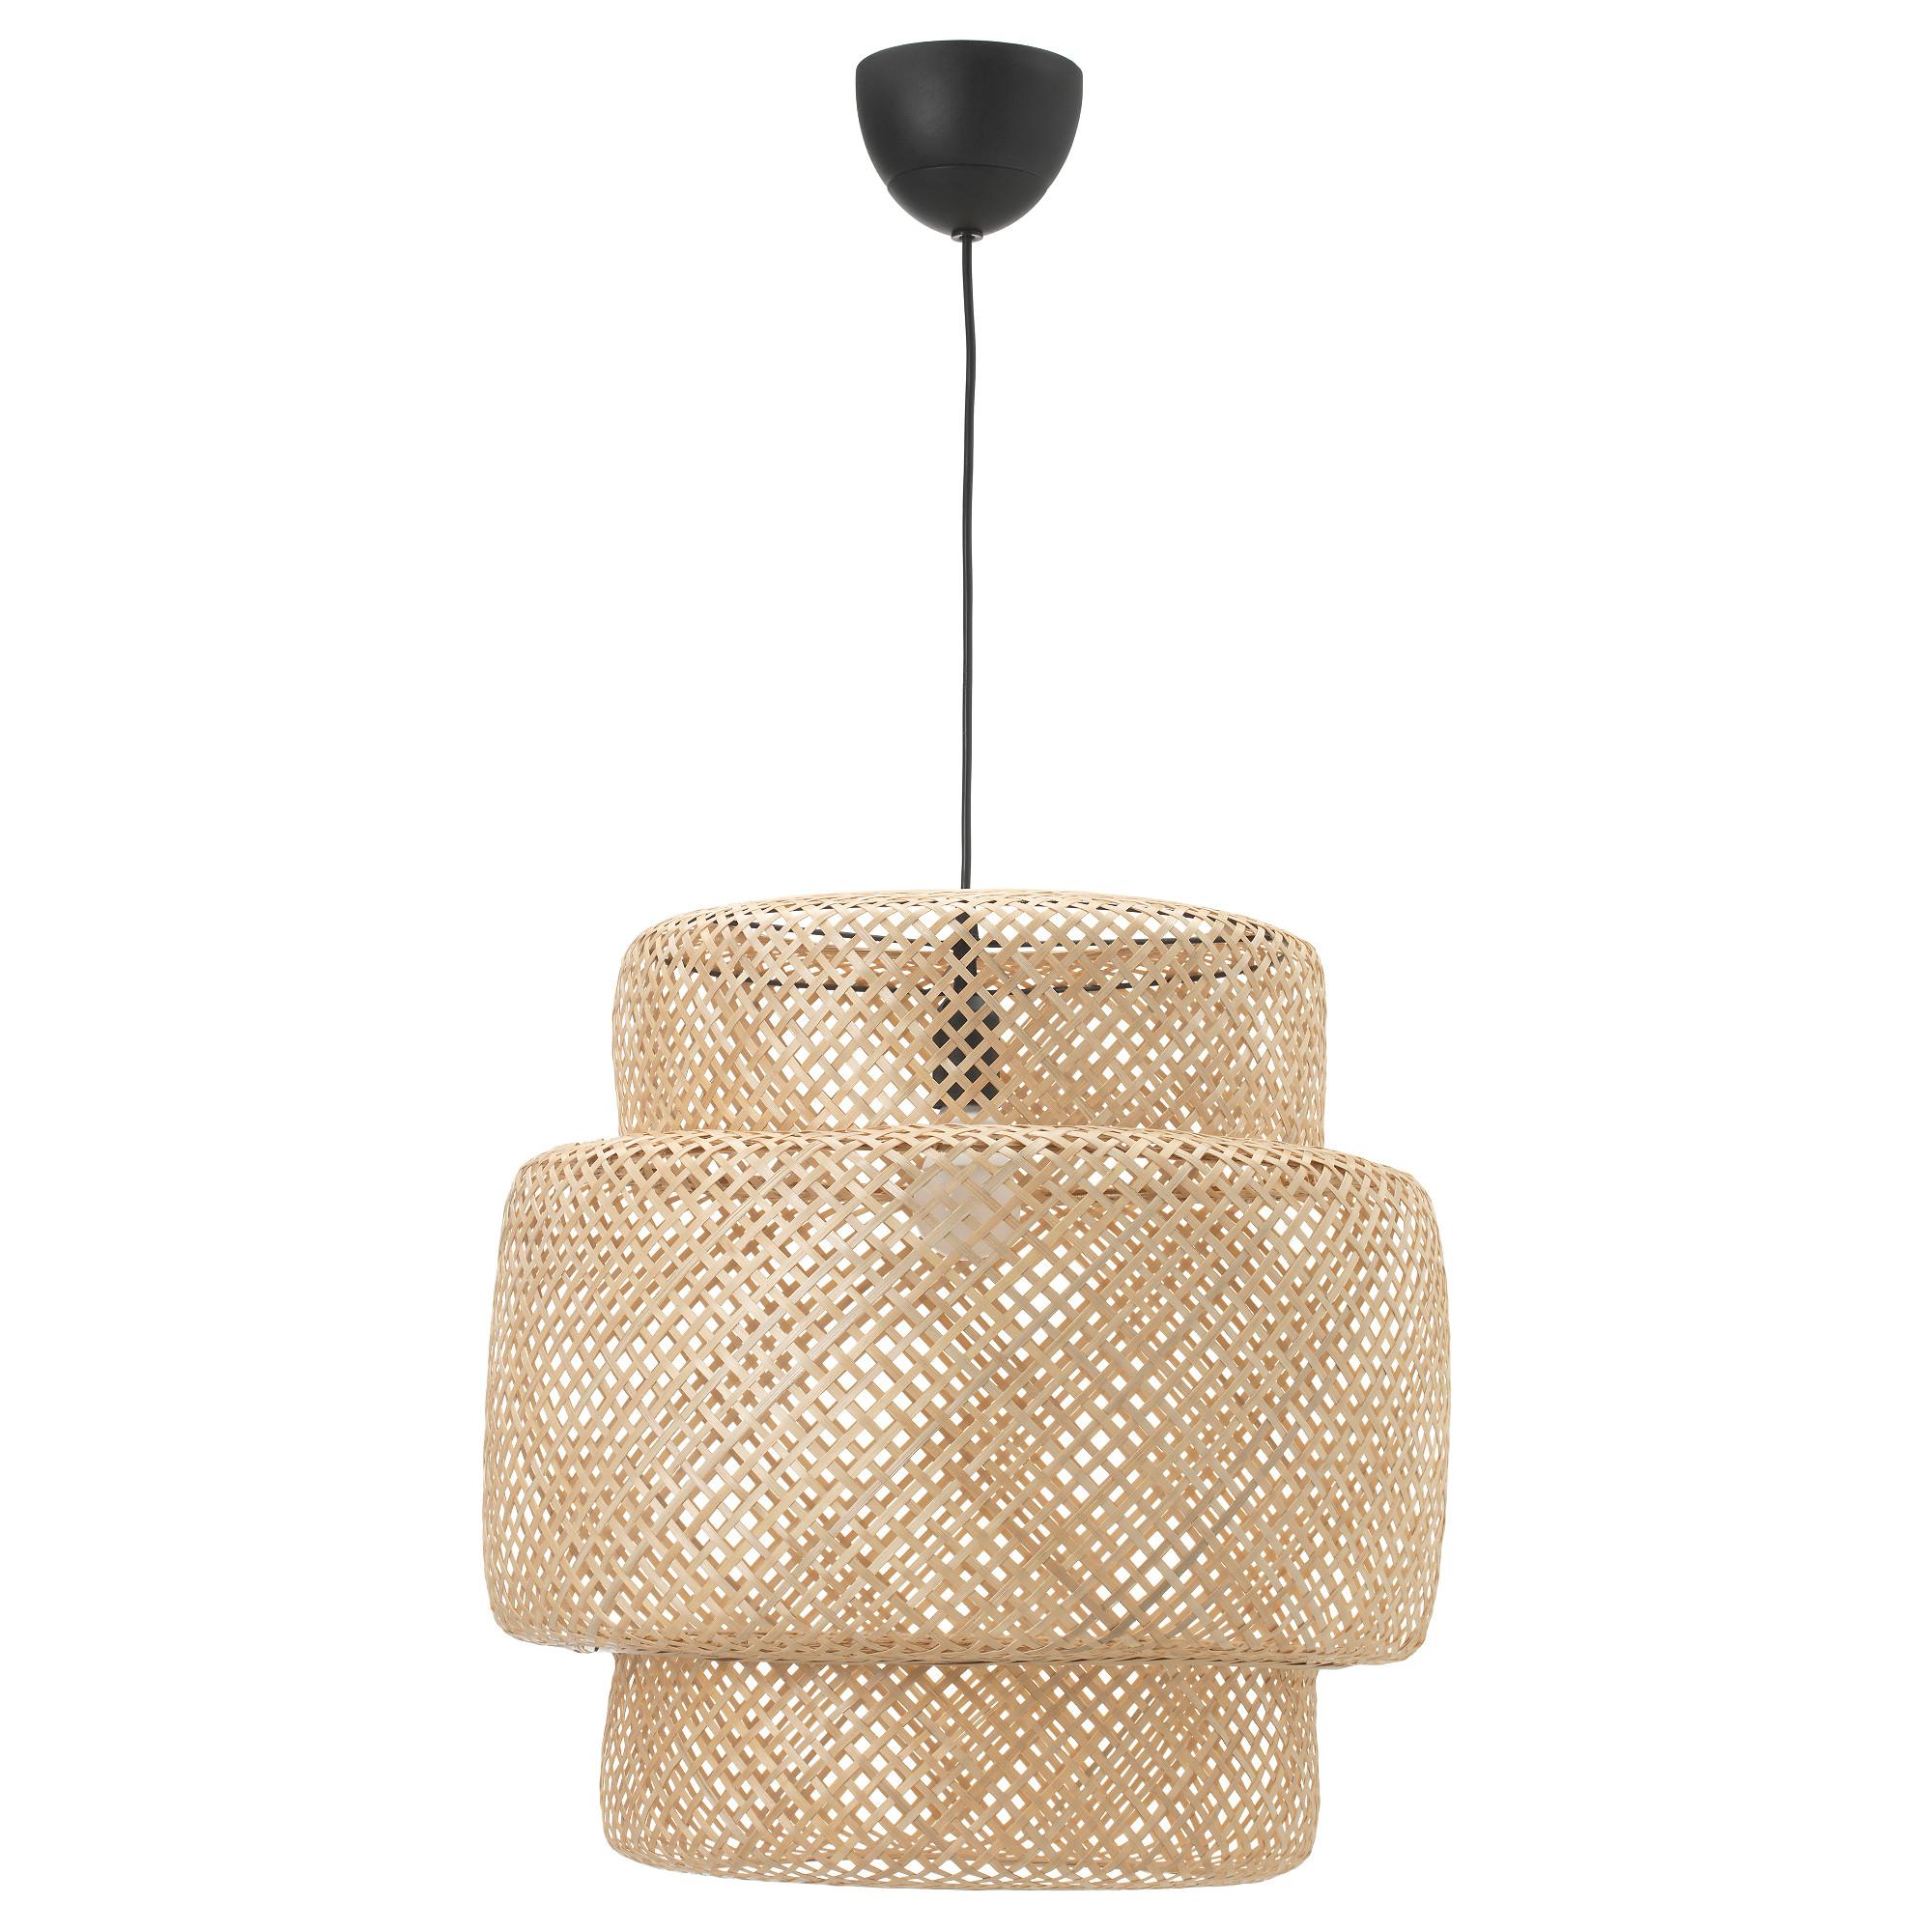 SINNERLIG PENDANT LAMP - Bamboo, $59.99